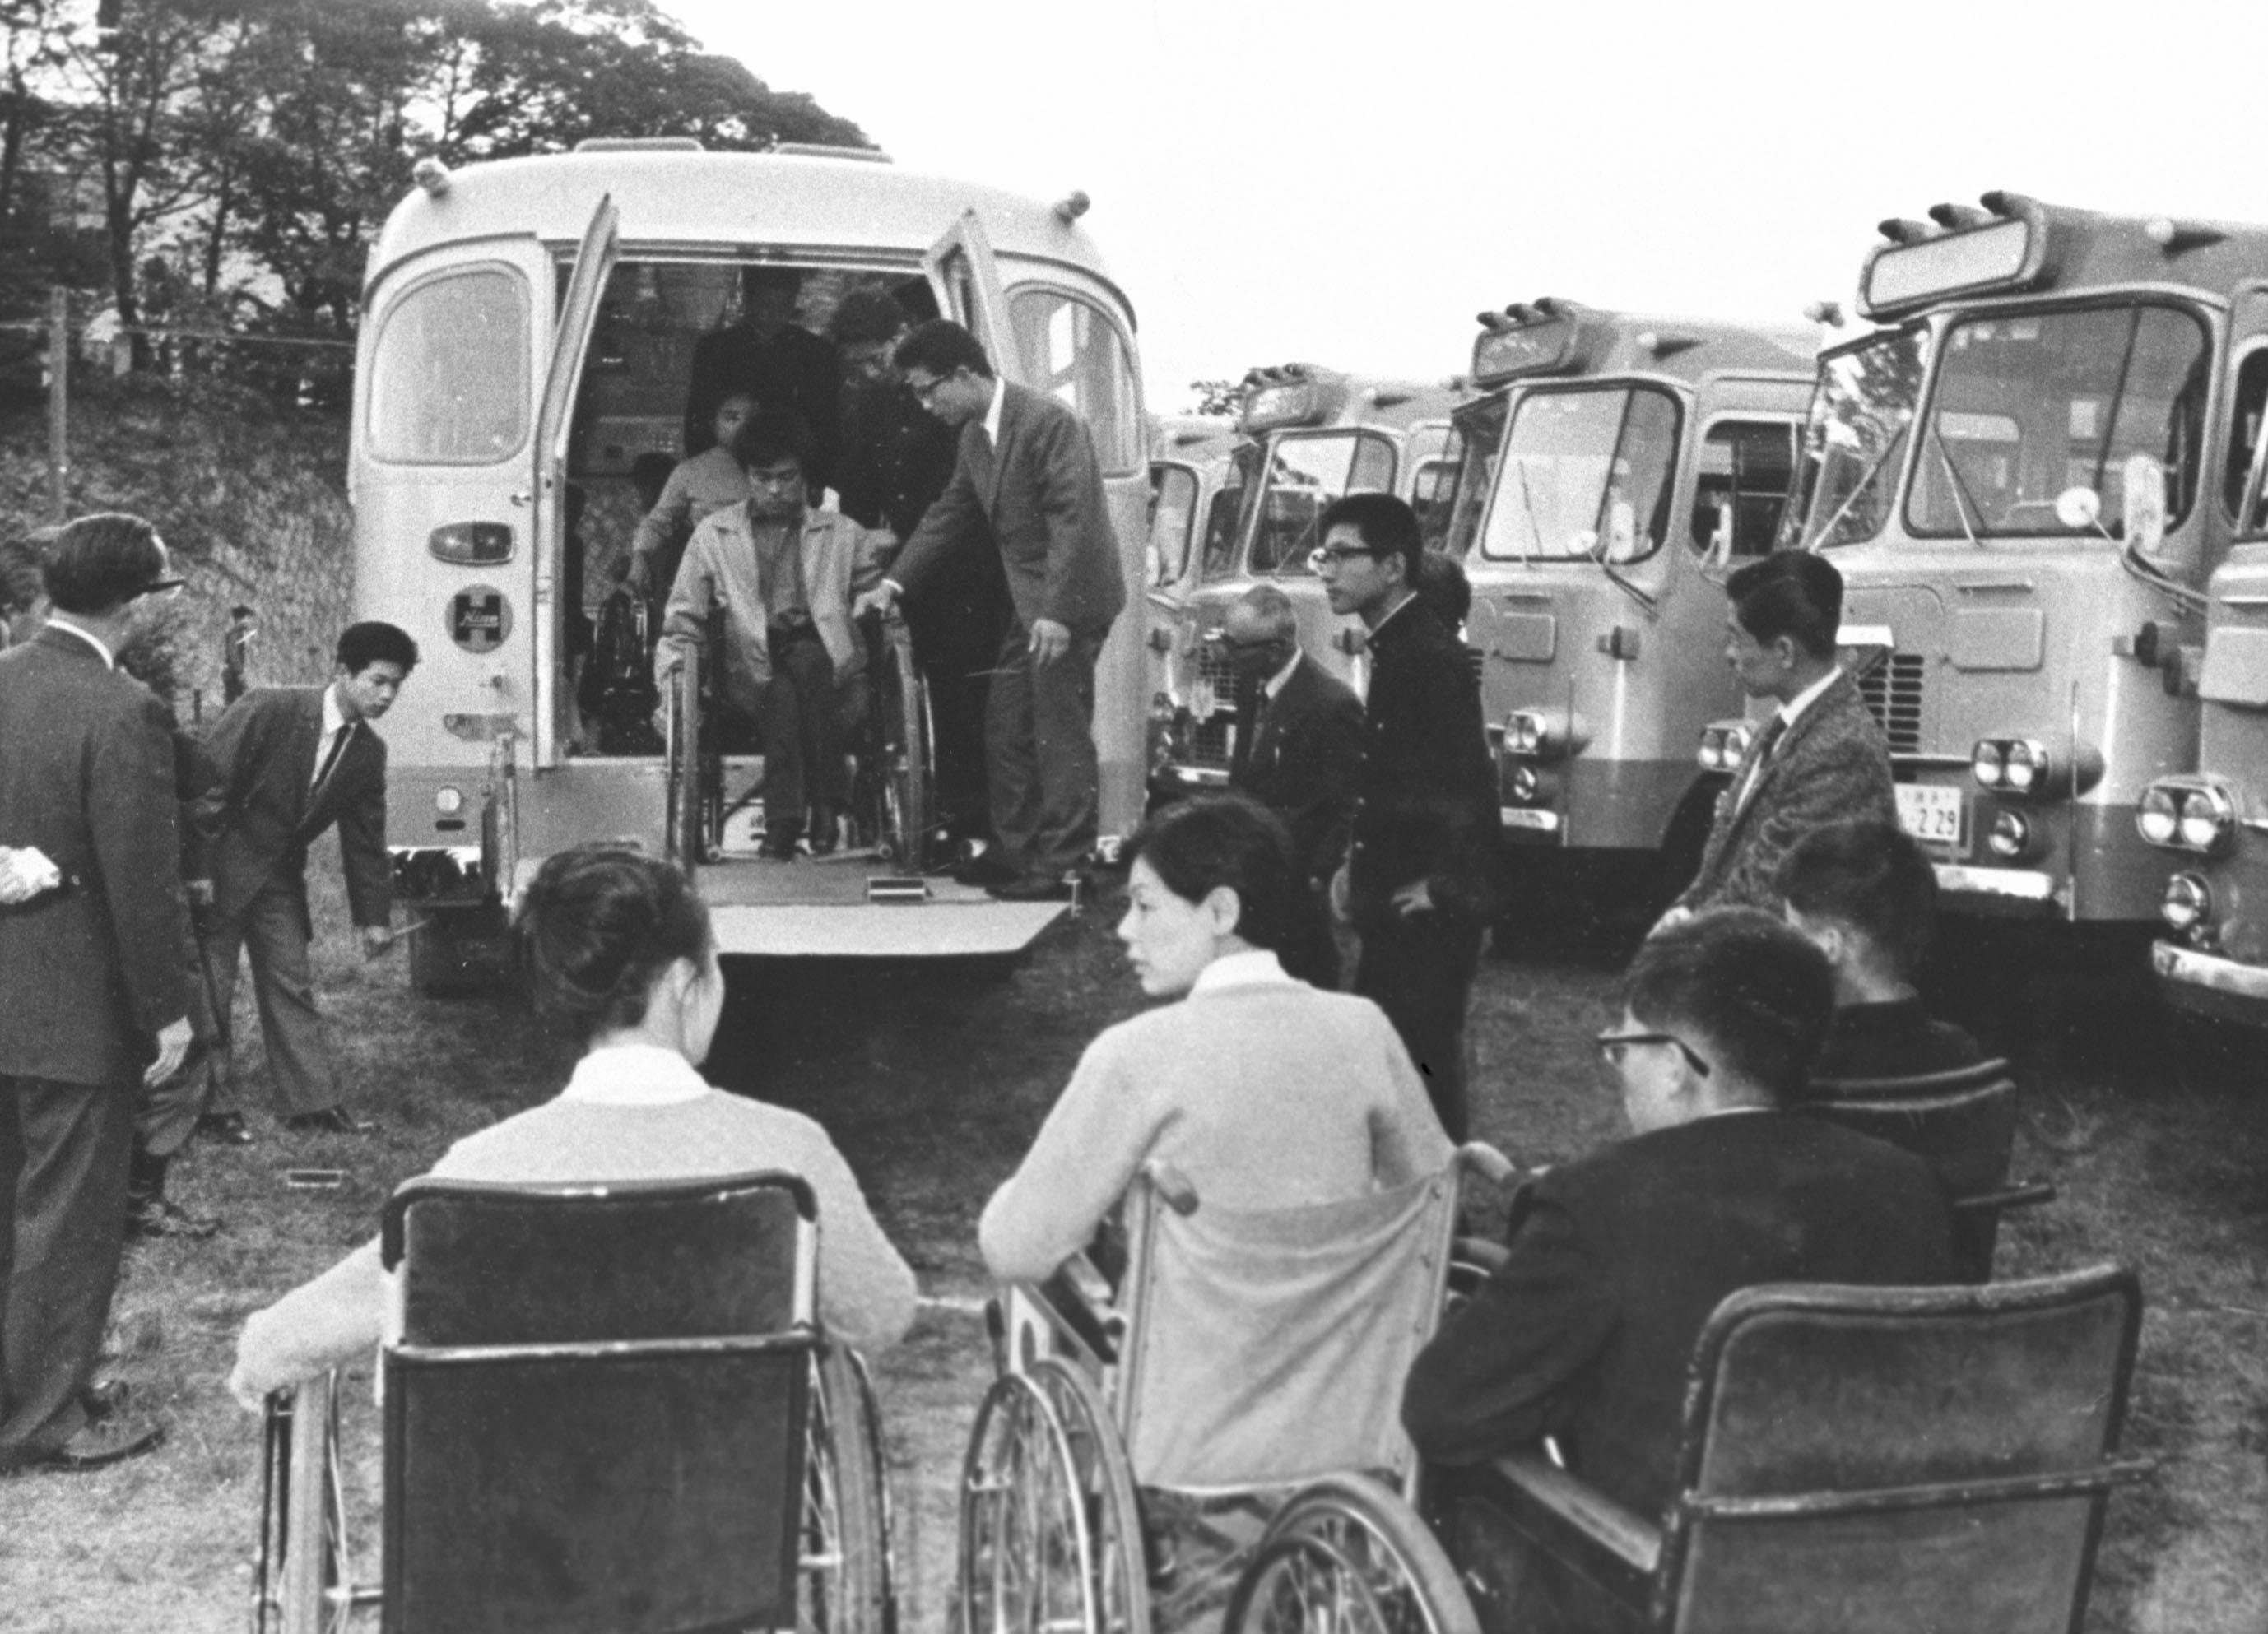 1964年10月31日、東京・新宿でパラリンピック選手専用バスが公開された。車いすに乗ったまま乗り降りできるリフトが付いていた